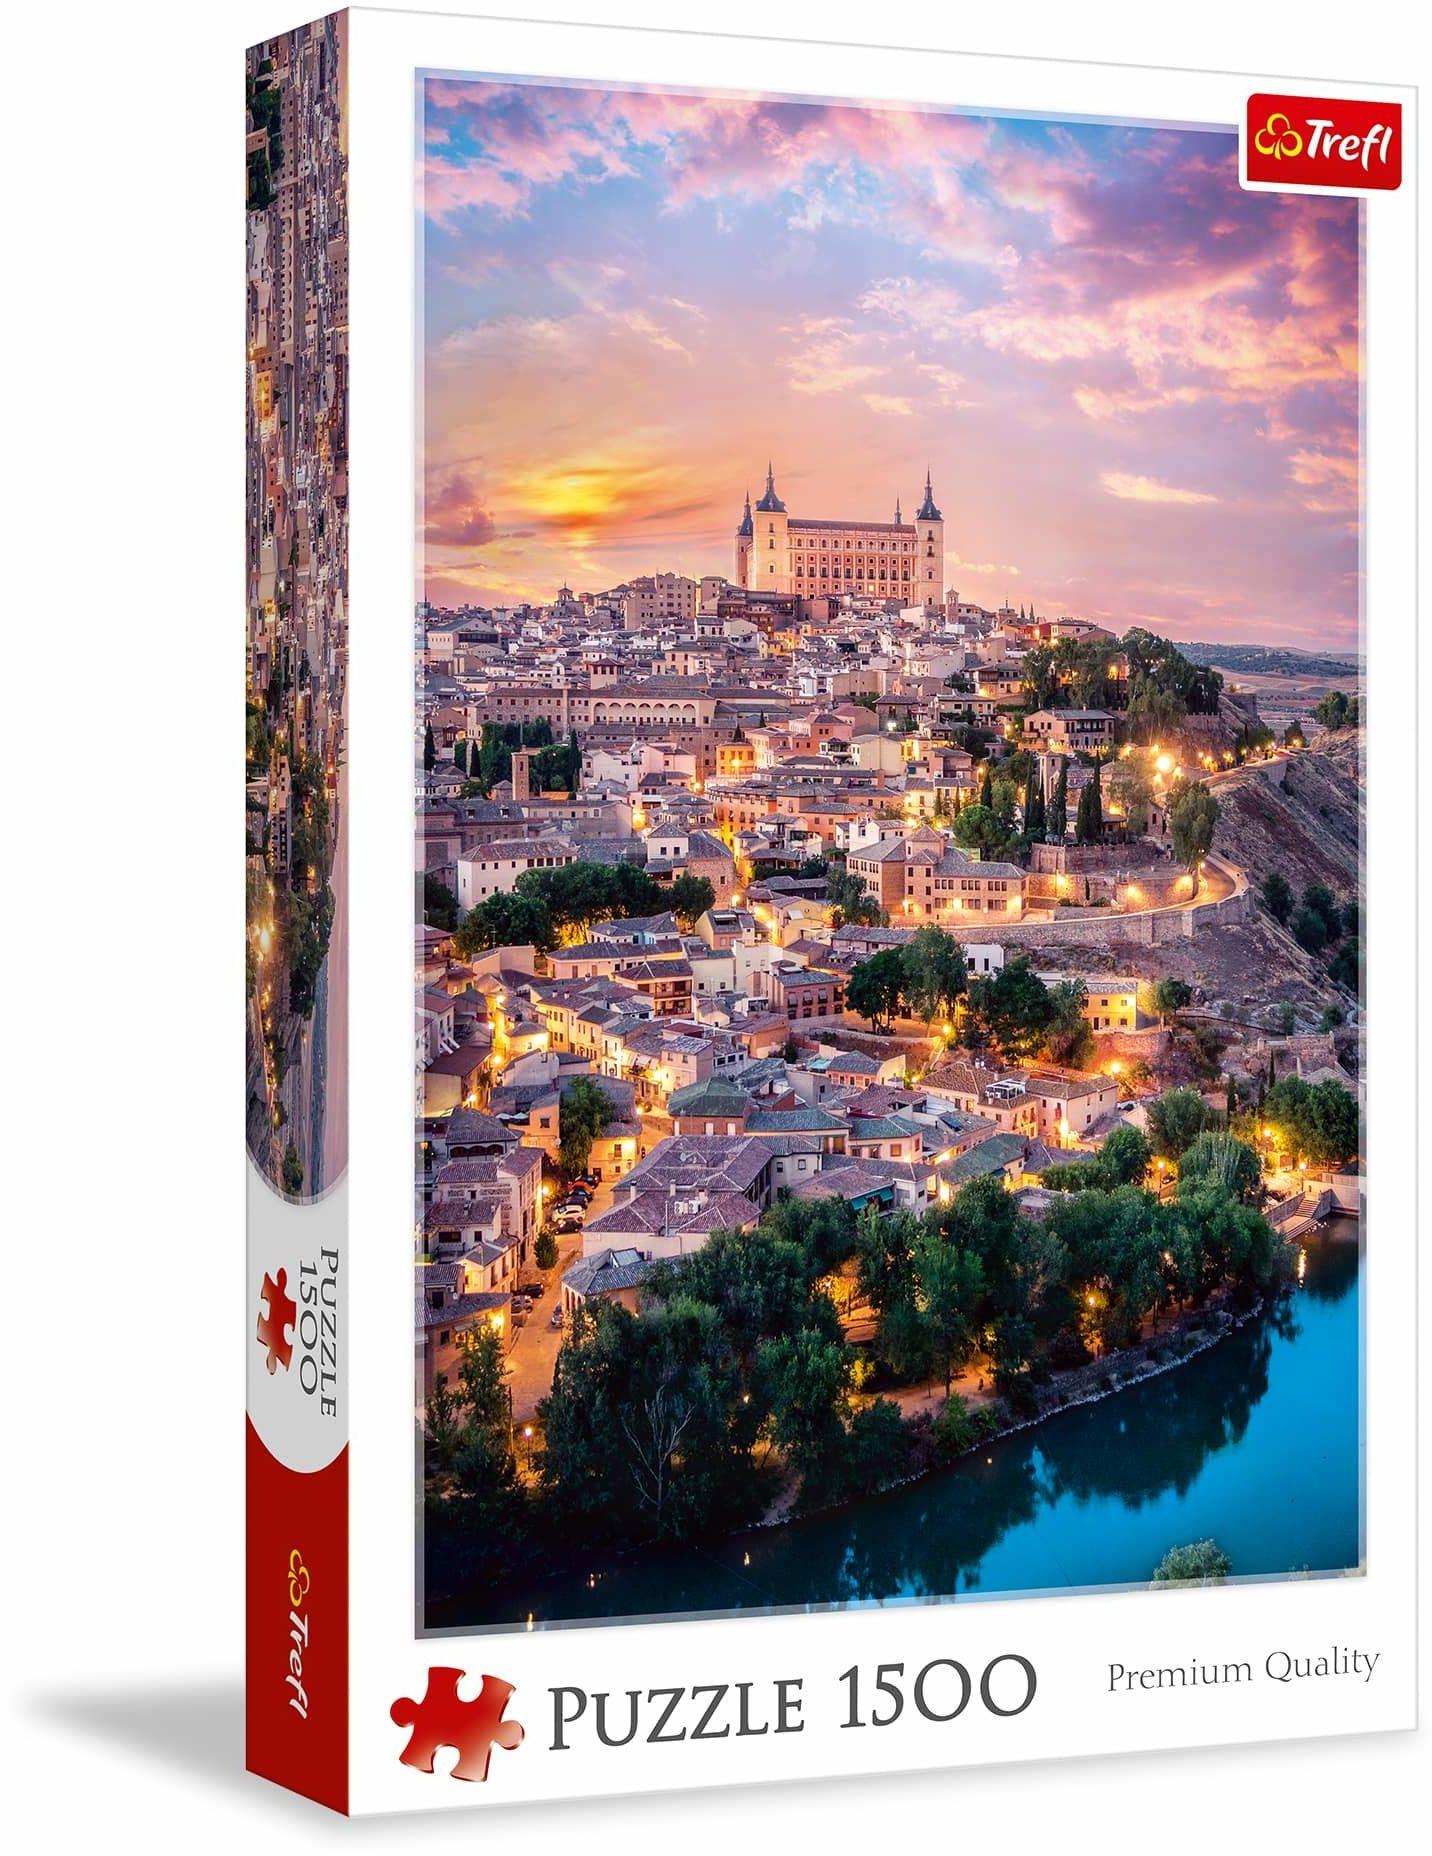 Trefl Toledo Hiszpania Puzzle 1500 Elementów o Wysokiej Jakości Nadruku dla Dorosłych i Dzieci od 12 lat